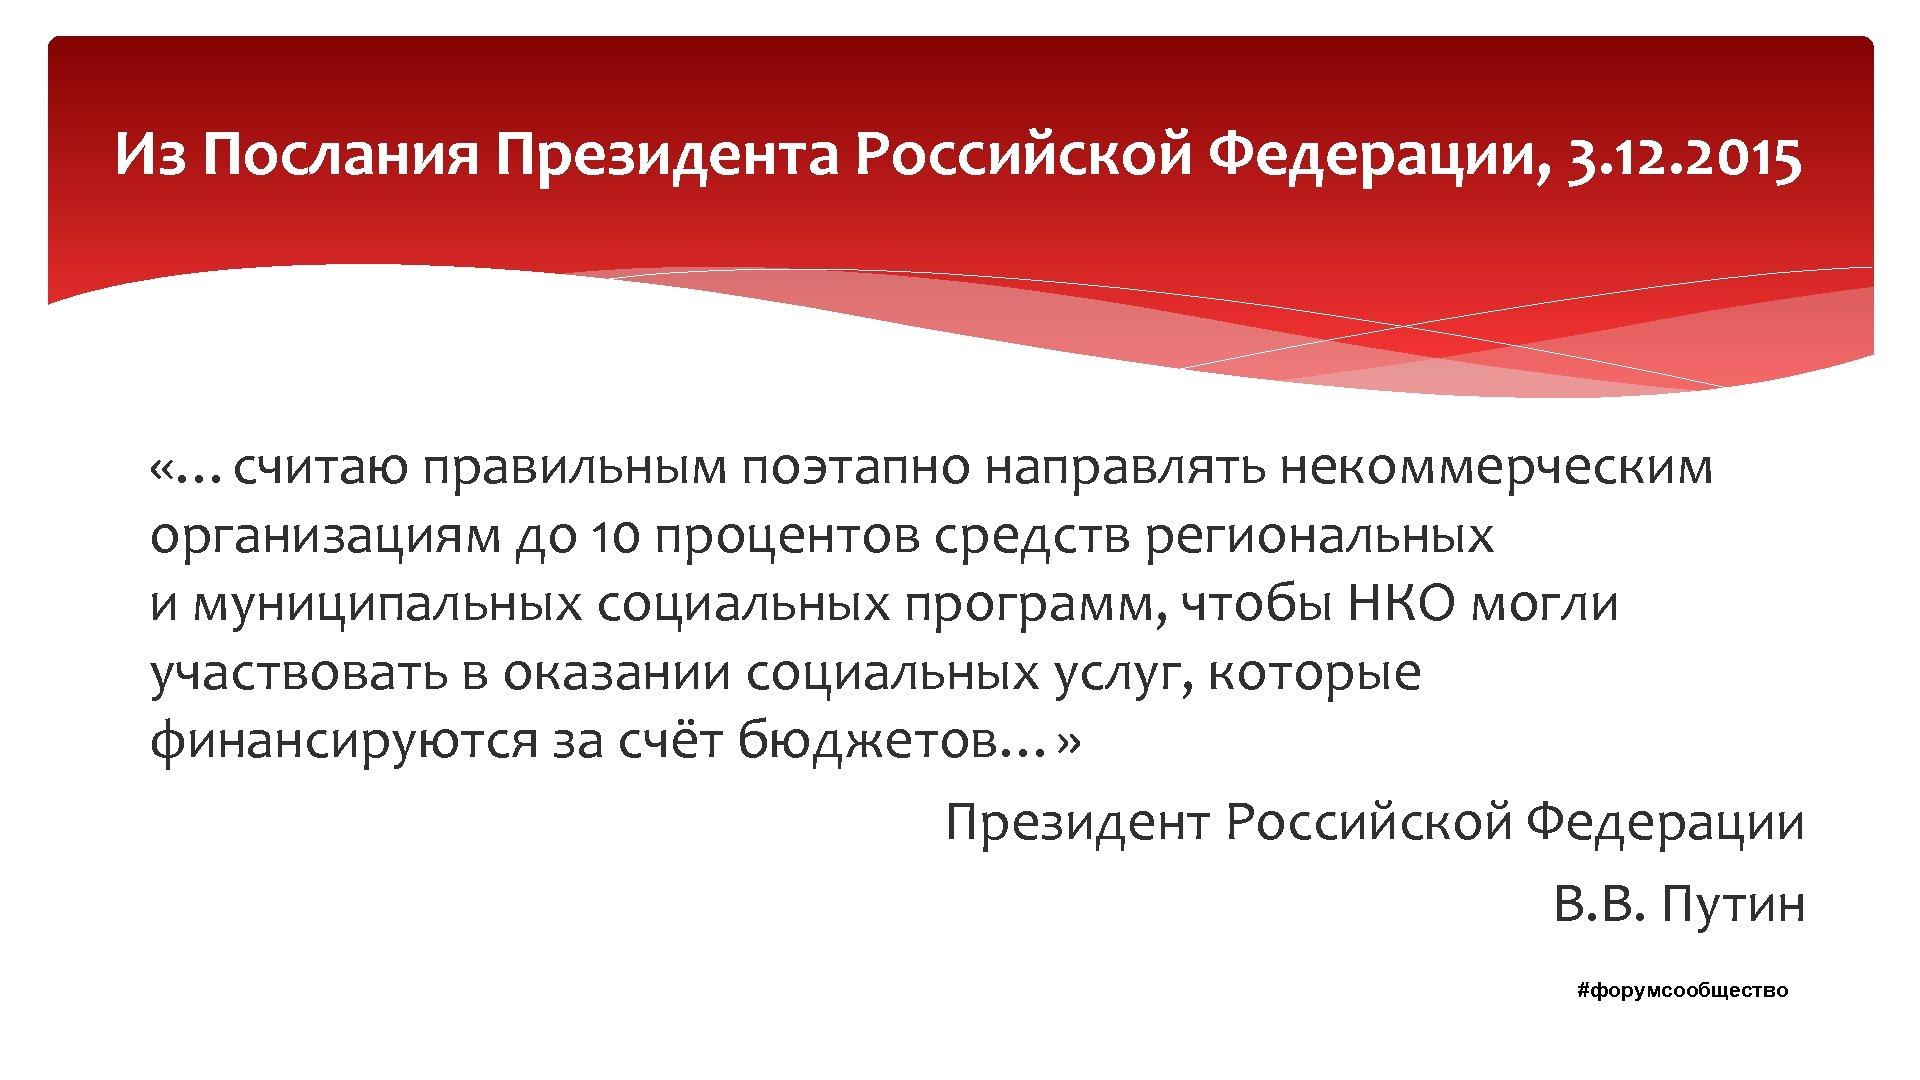 Из Послания Президента Российской Федерации, 3. 12. 2015 «…считаю правильным поэтапно направлять некоммерческим организациям